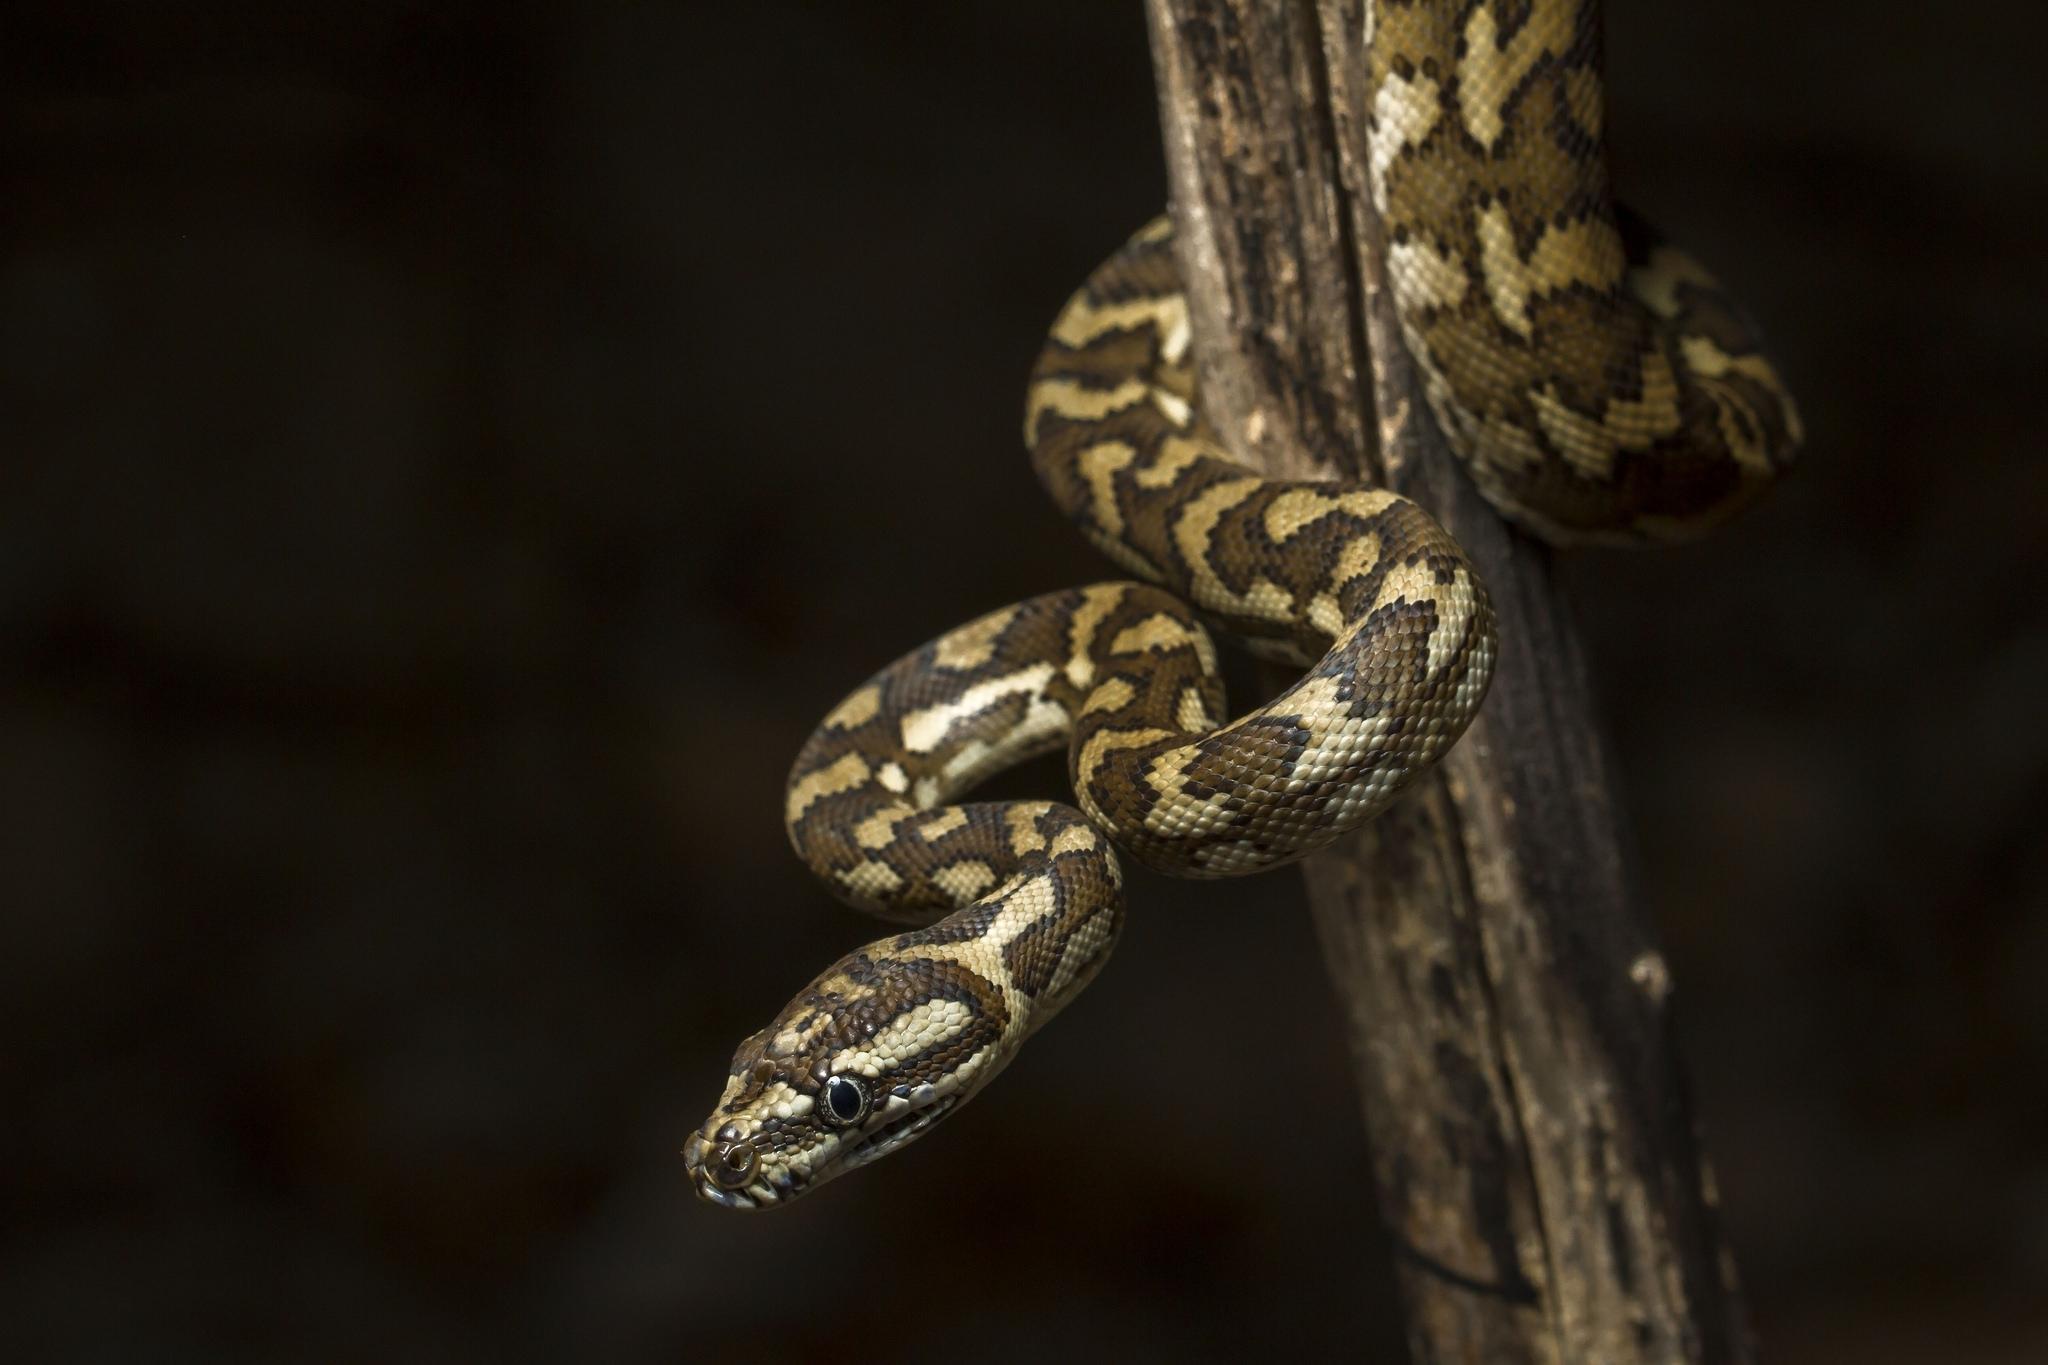 Картинка: Змея, пятна, ветка, тёмный фон, хладнокровие